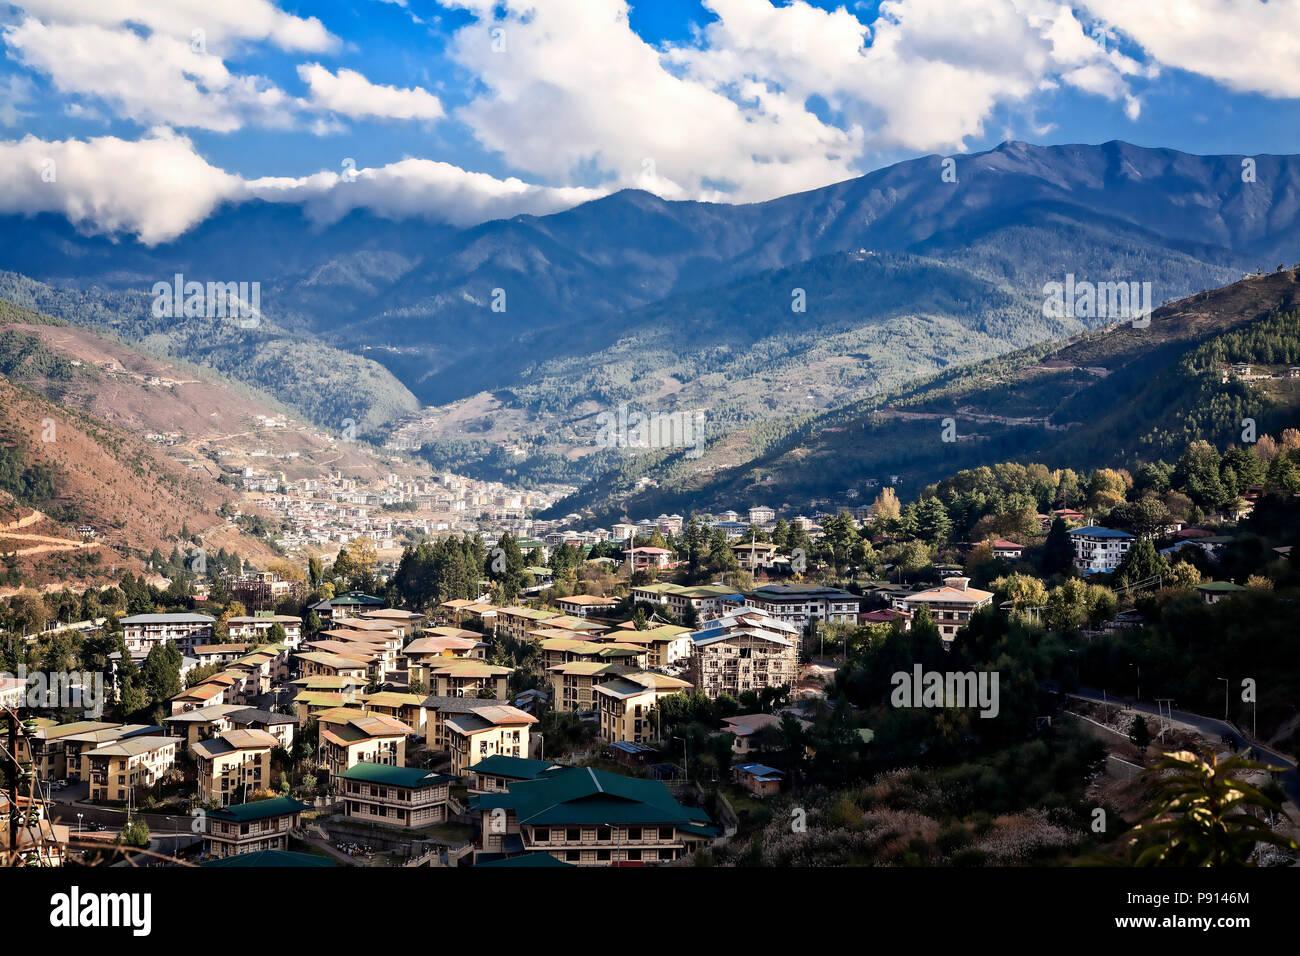 La ville capitale de Thimphu dans les contreforts de l'Himalaya, le Bhoutan. Photo Stock